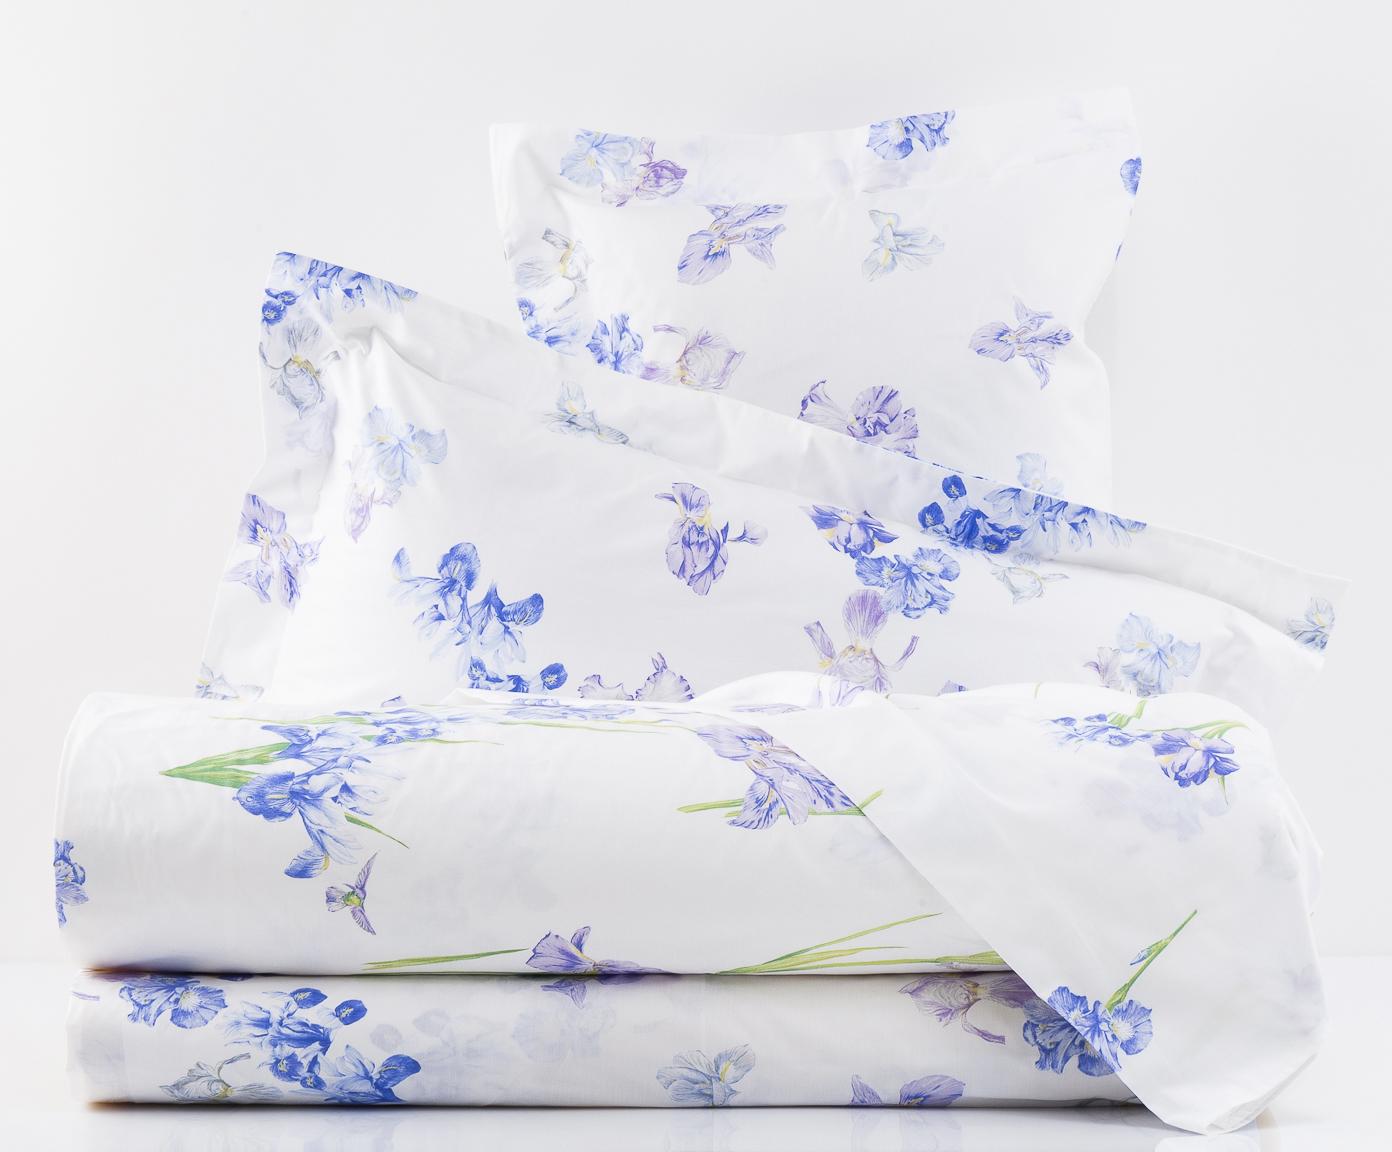 Постельное Постельное белье 2 спальное Mirabello Iris-1 белое postelnoe-belie-mirabello-iris-1-beloe-italiya.jpg